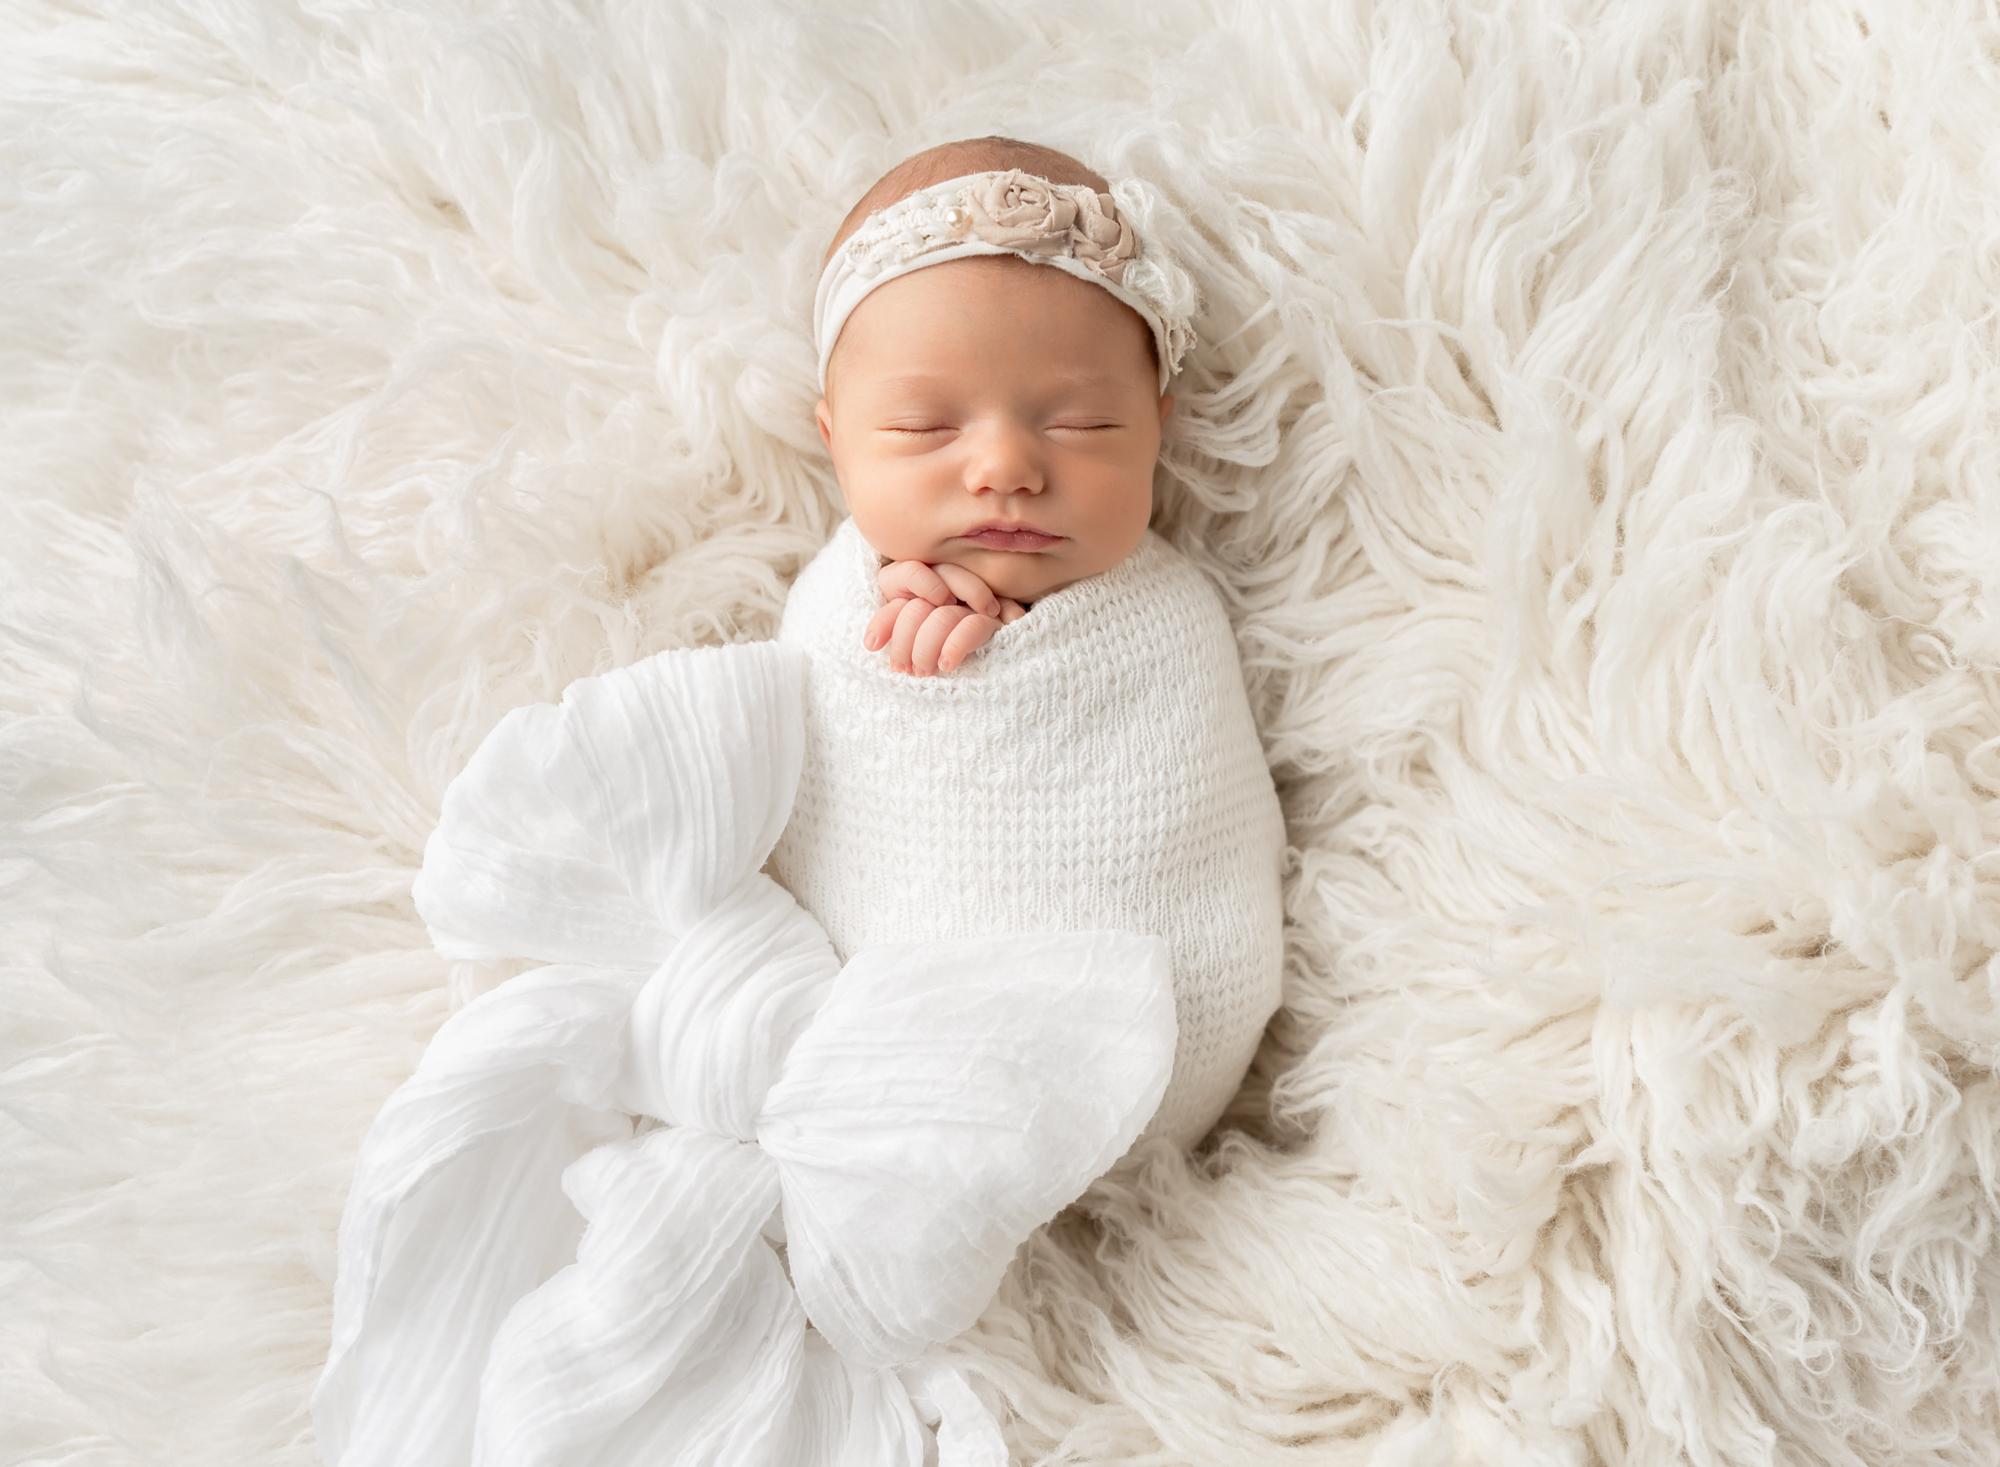 Newborn sleeps for Photographer in Queen Creek Arizona